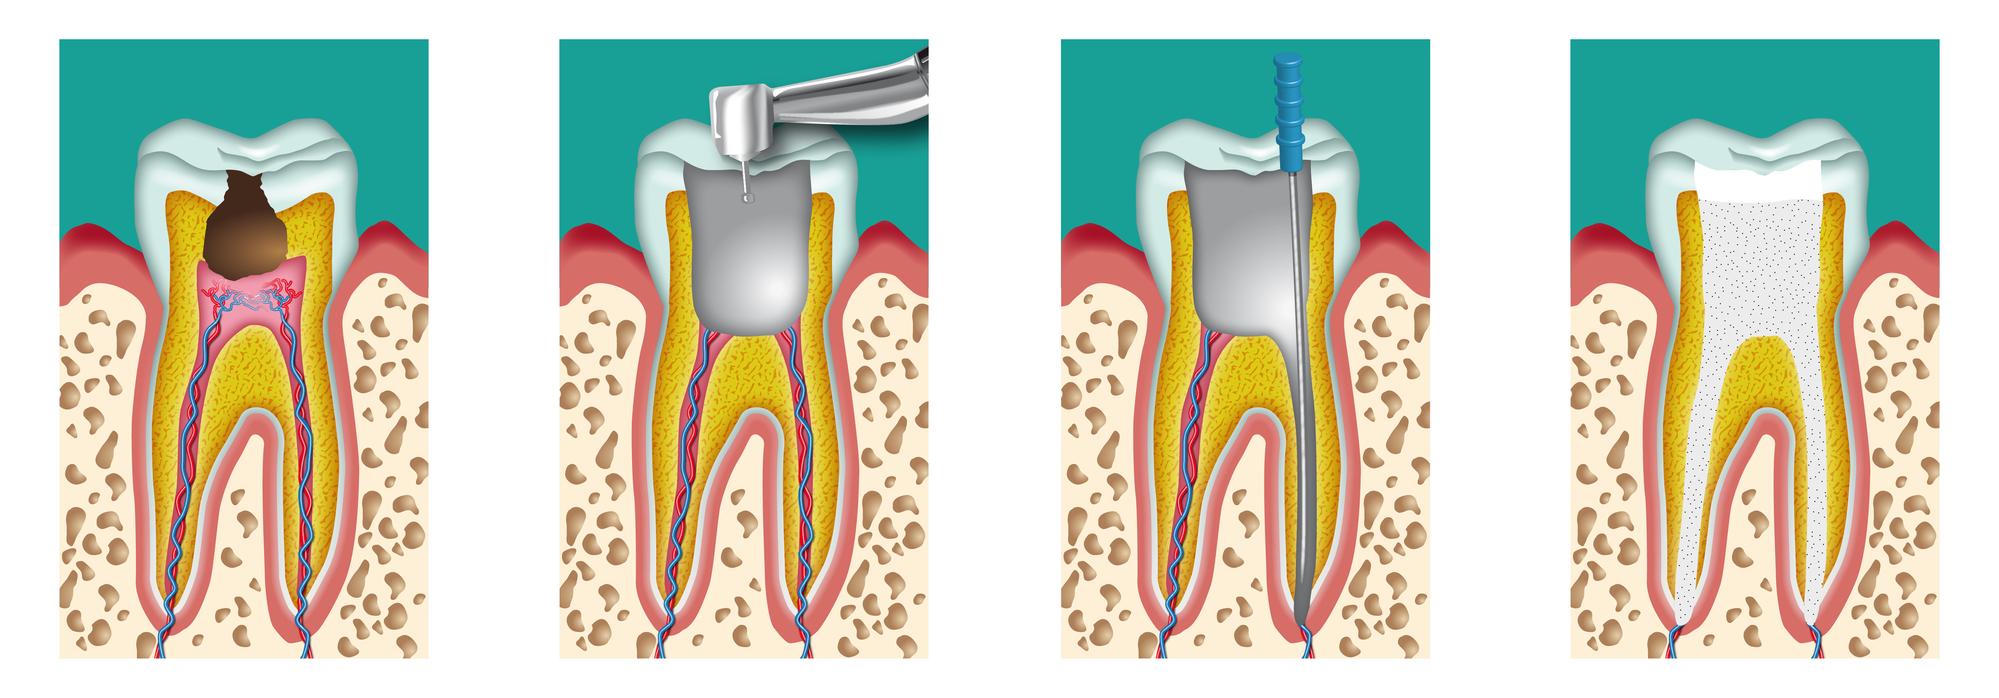 fasi devitalizzazione dente